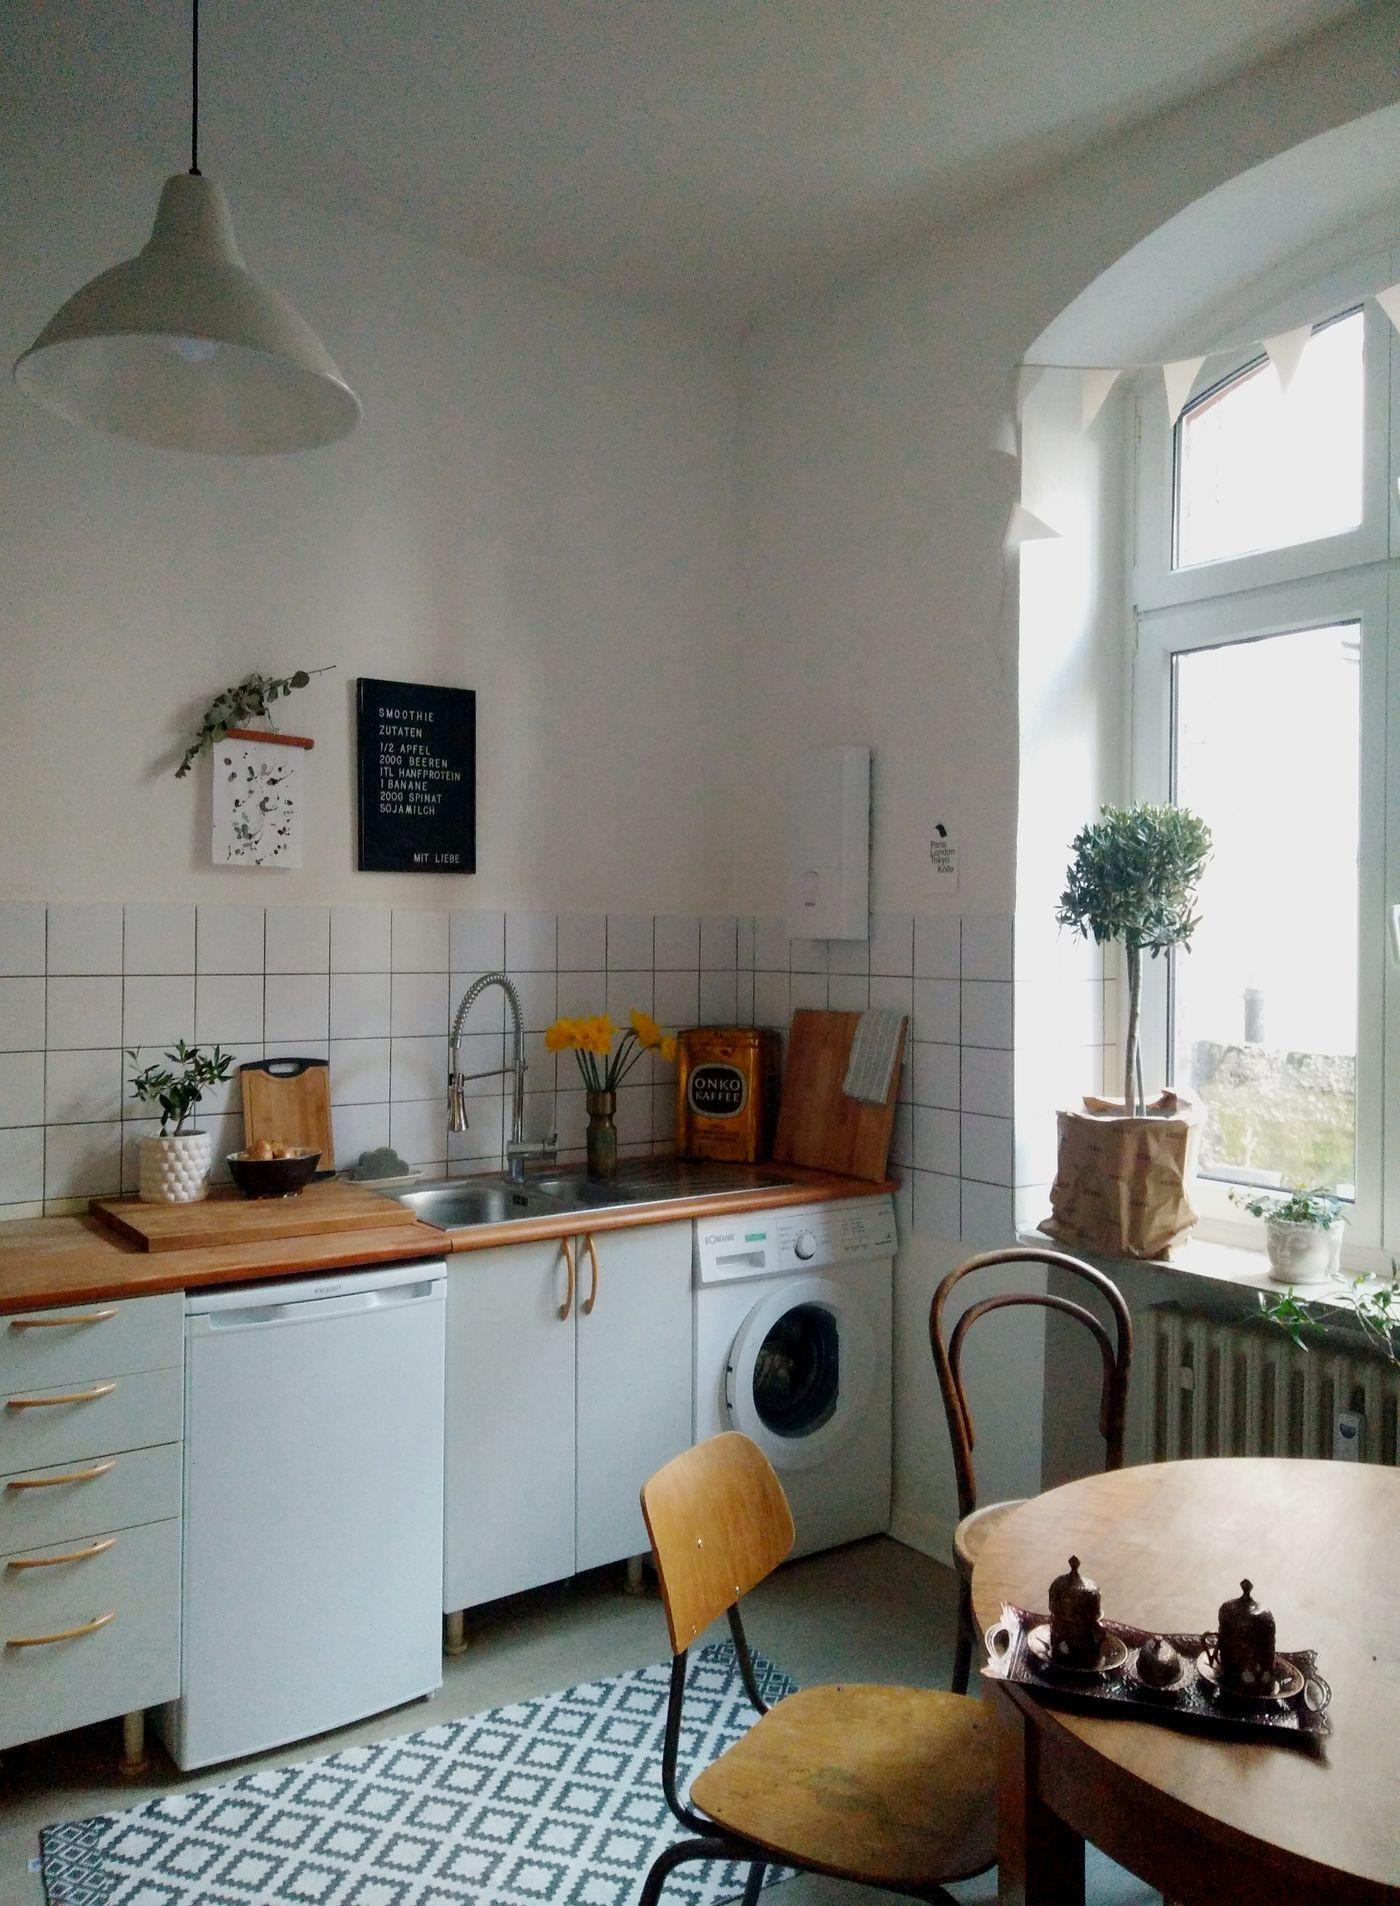 Erfreut Apfel Küche Teppiche Fotos - Ideen Für Die Küche Dekoration ...